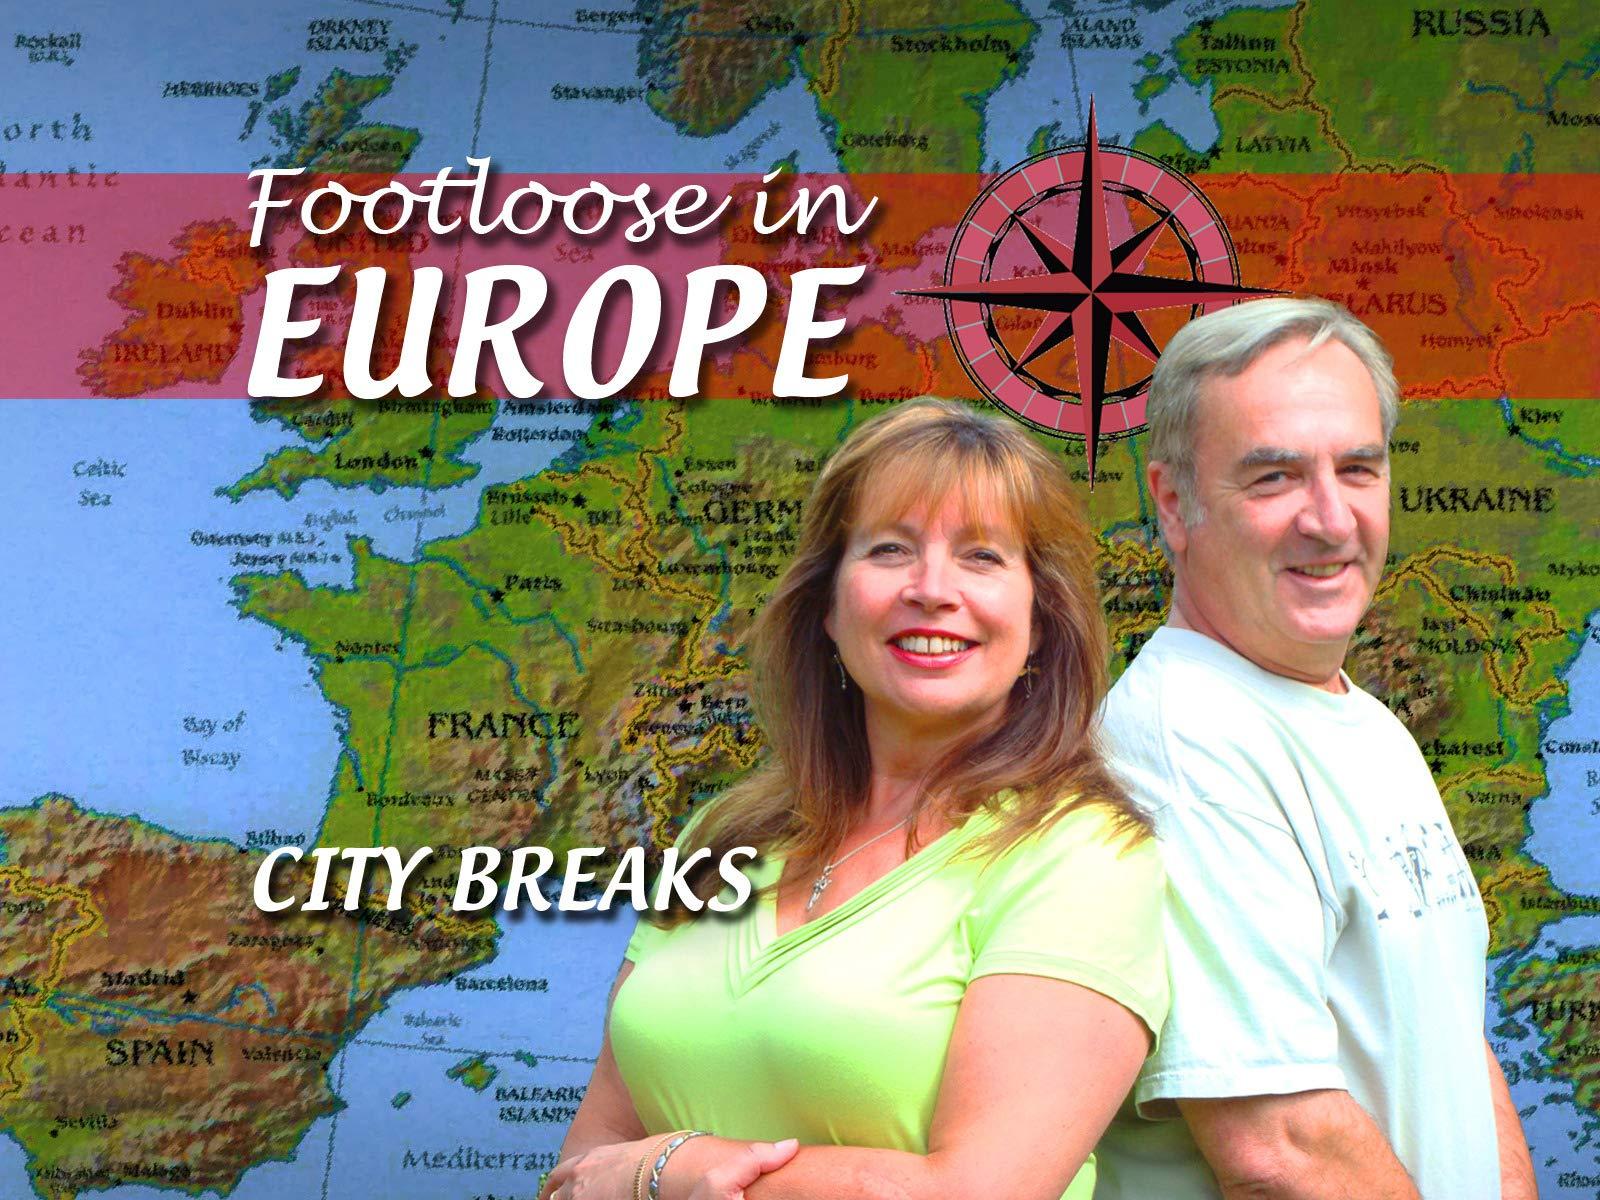 Footloose in Europe - City Breaks - Season 2